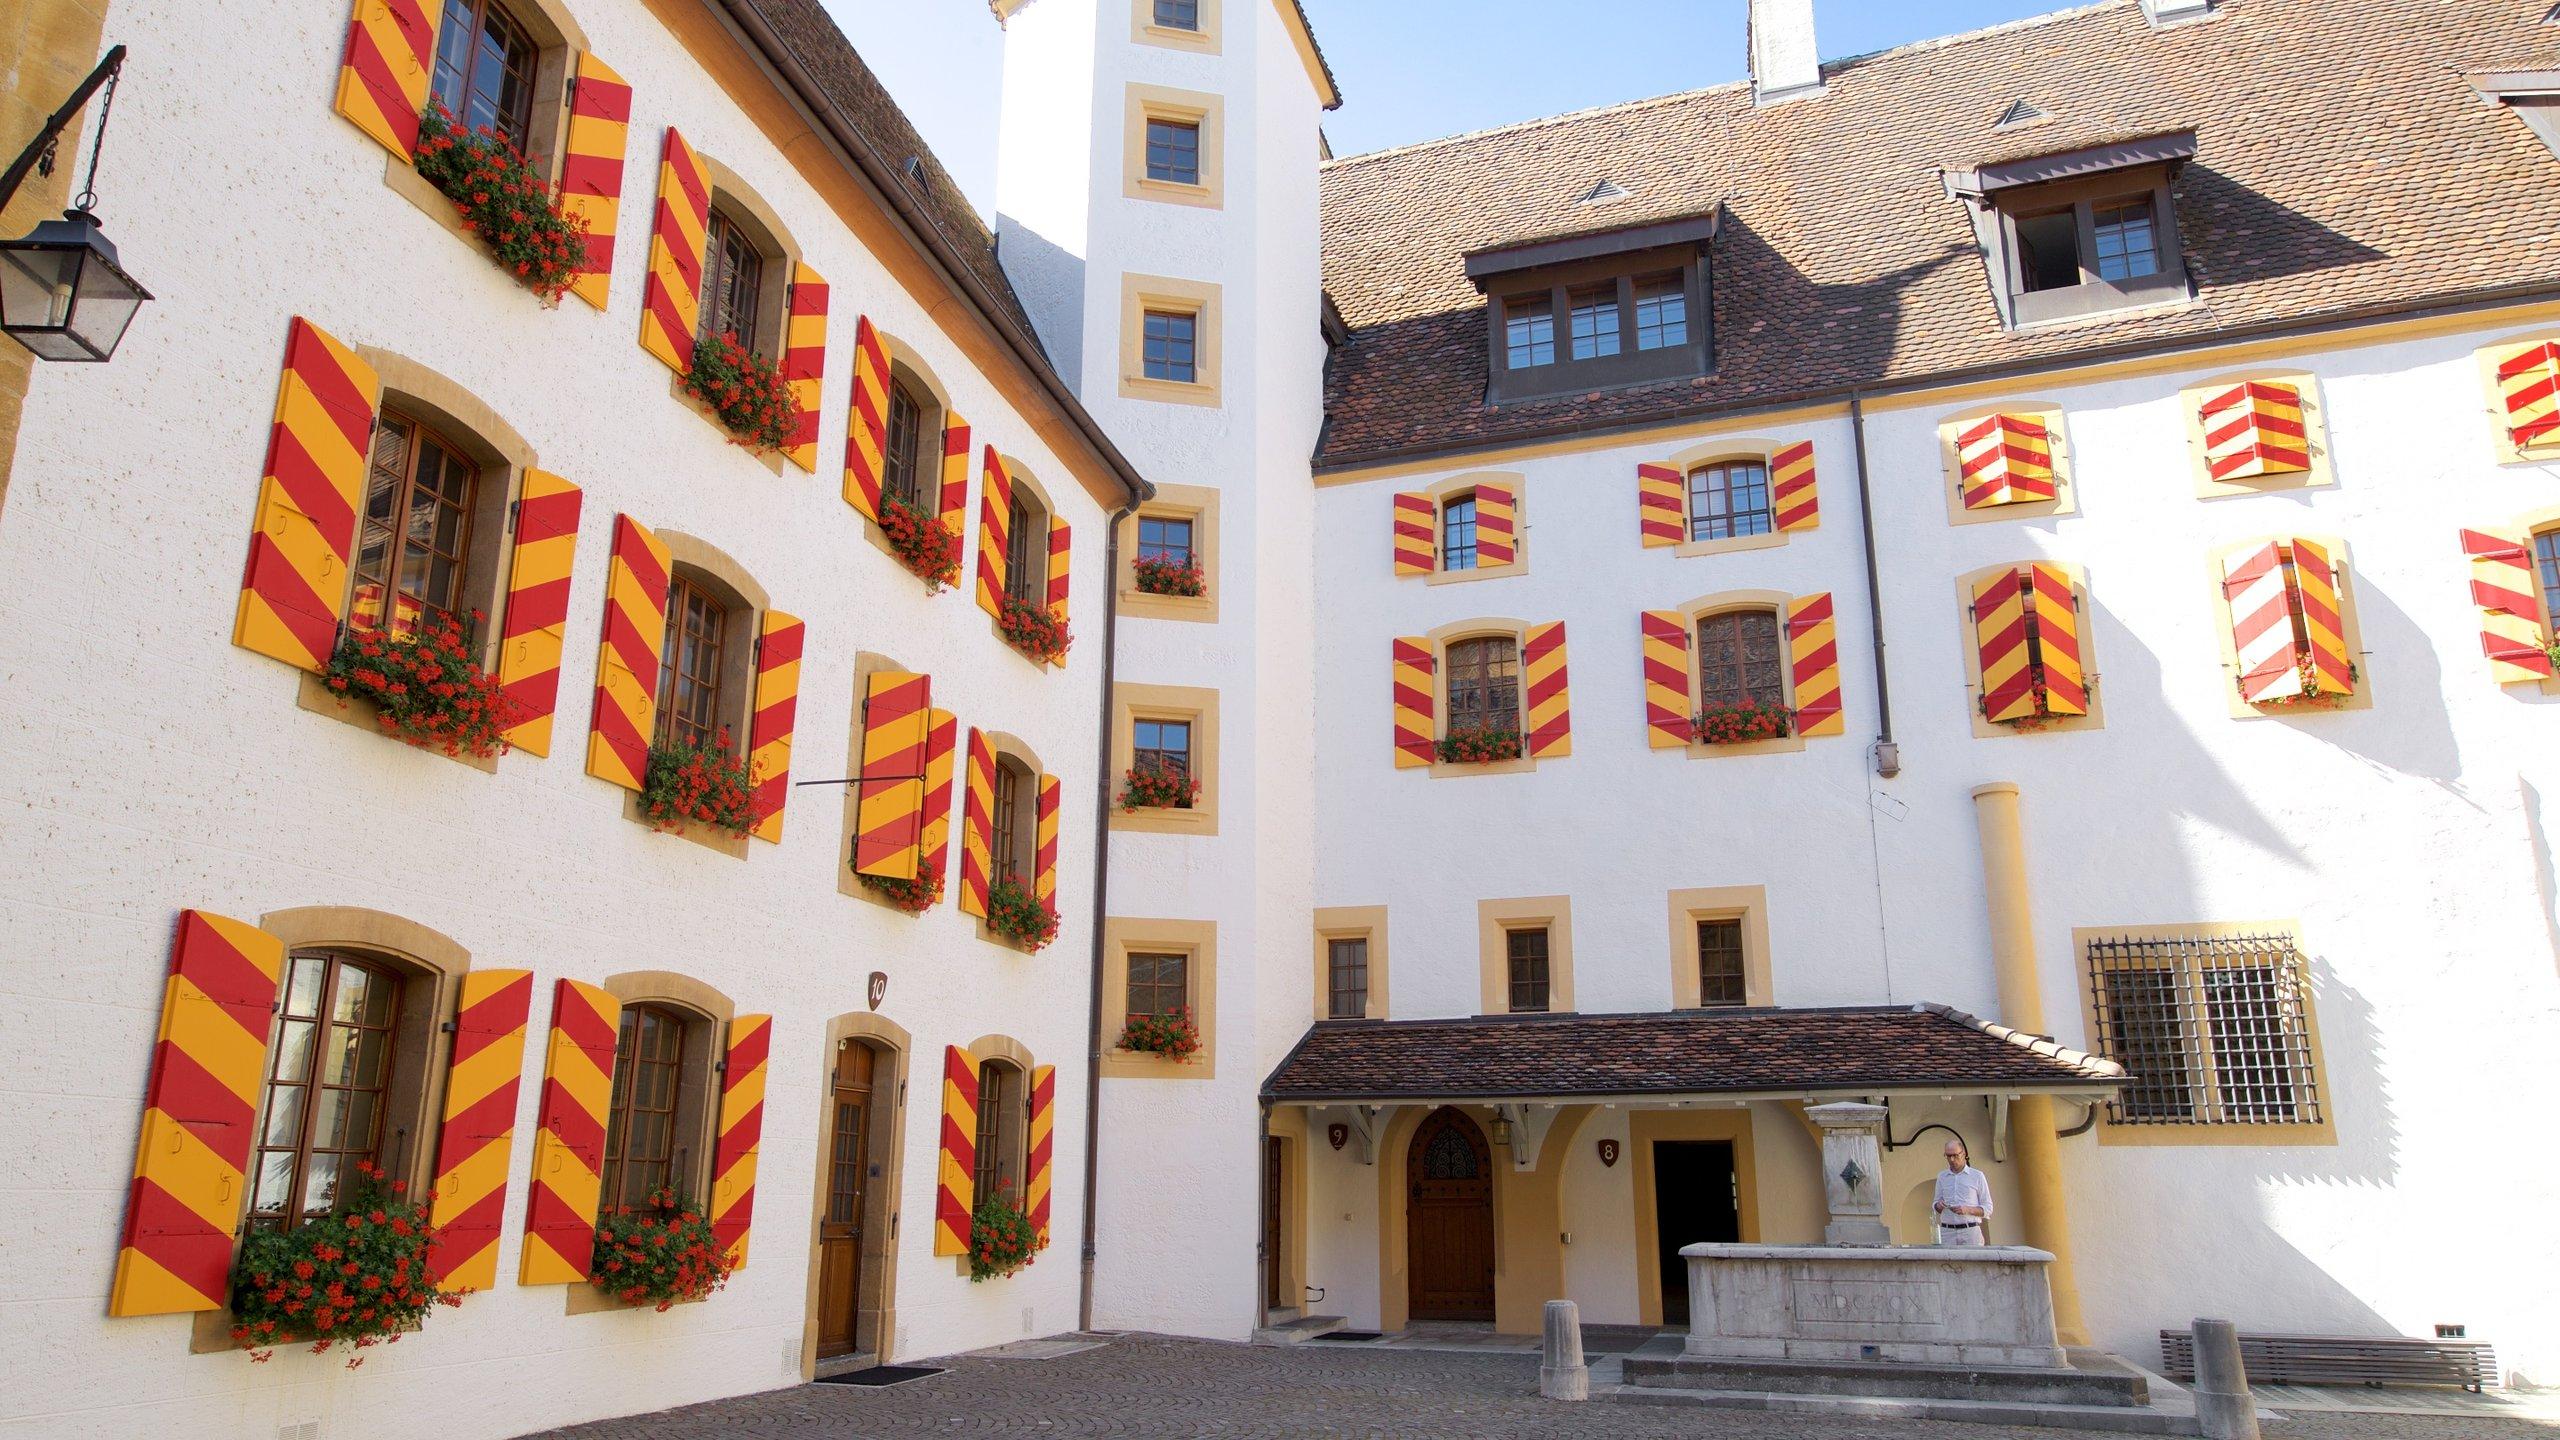 Neuchâtel, Neuchâtel (kanton), Zwitserland